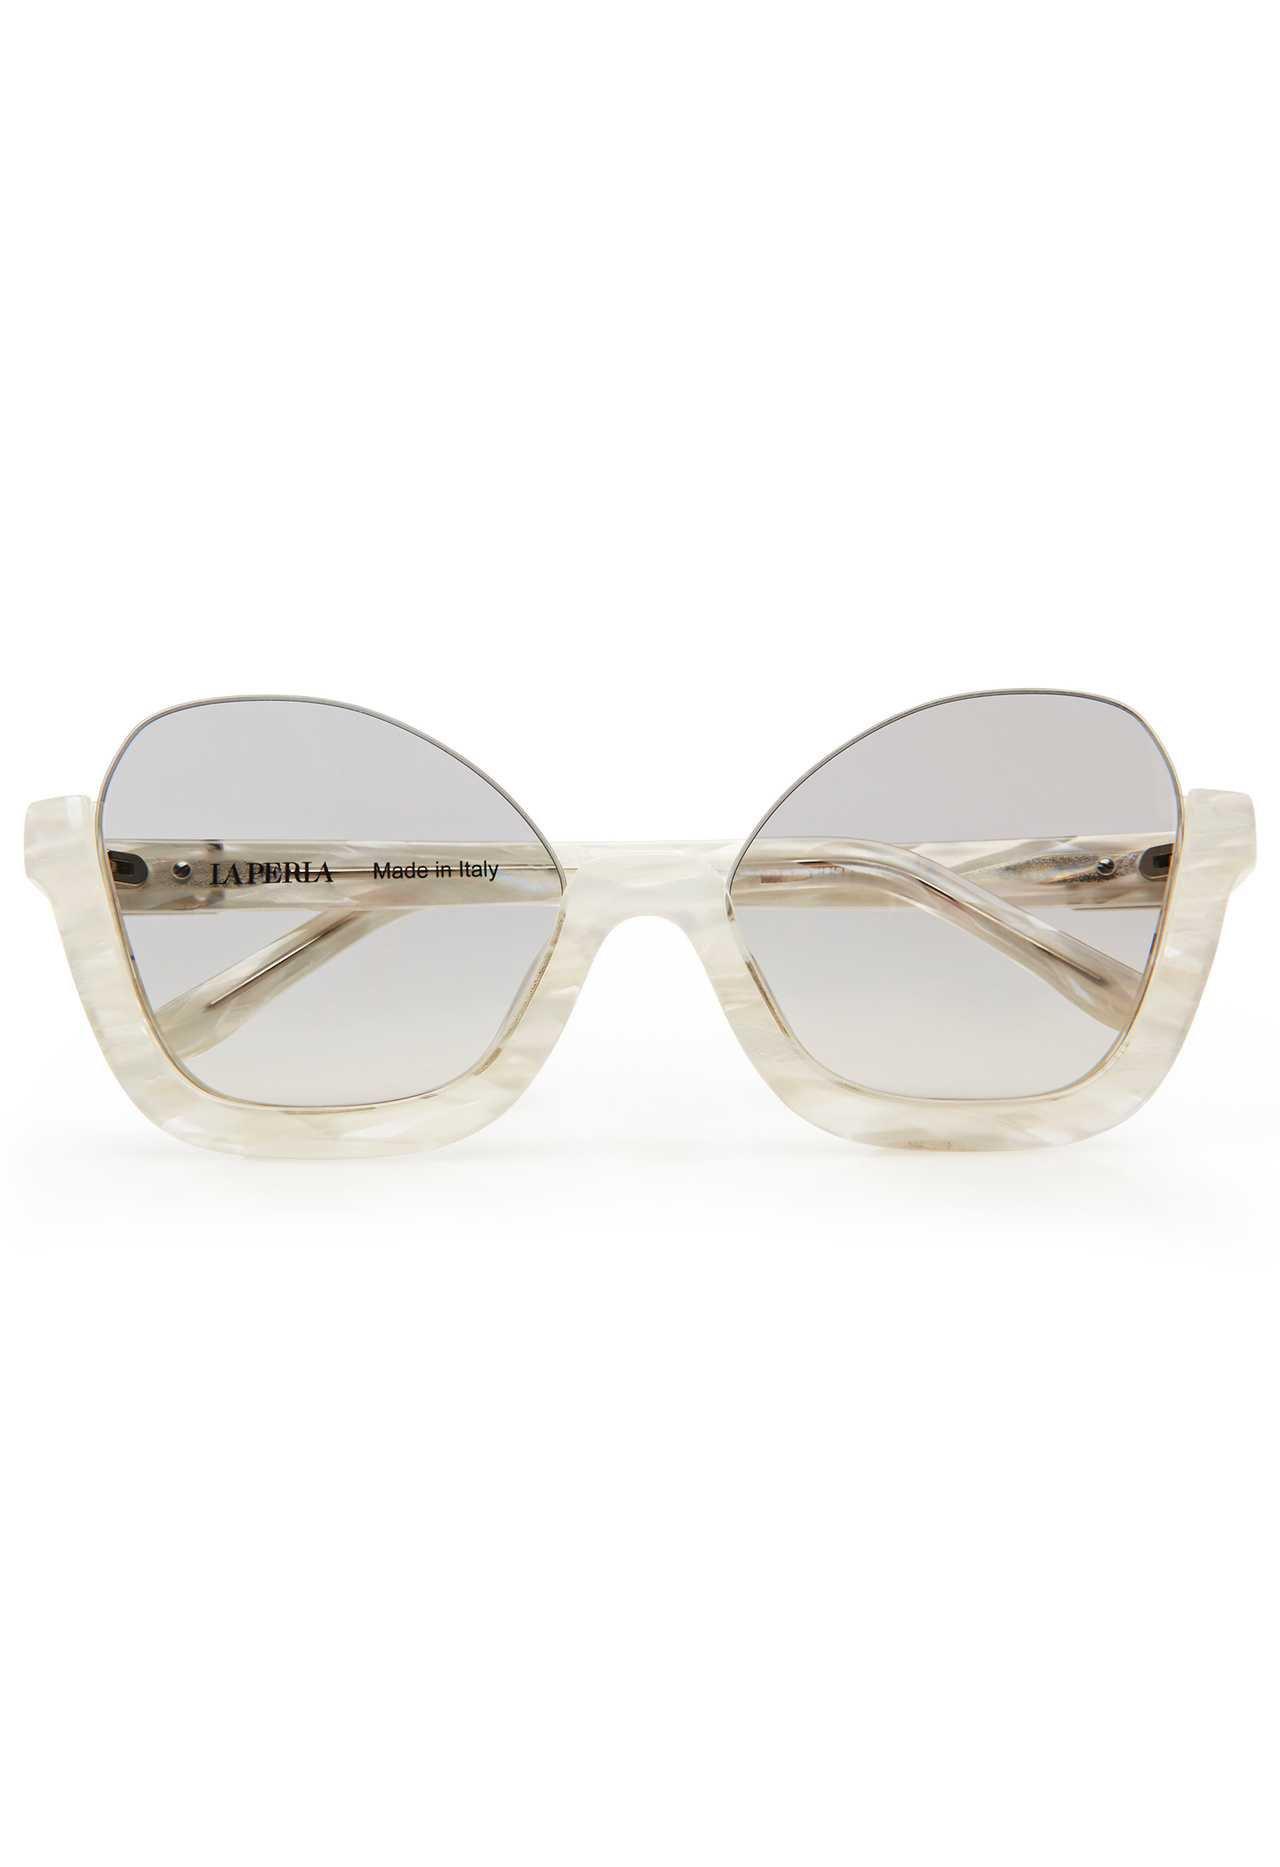 Sunglasses Balconcino Sunglasses   La Perla